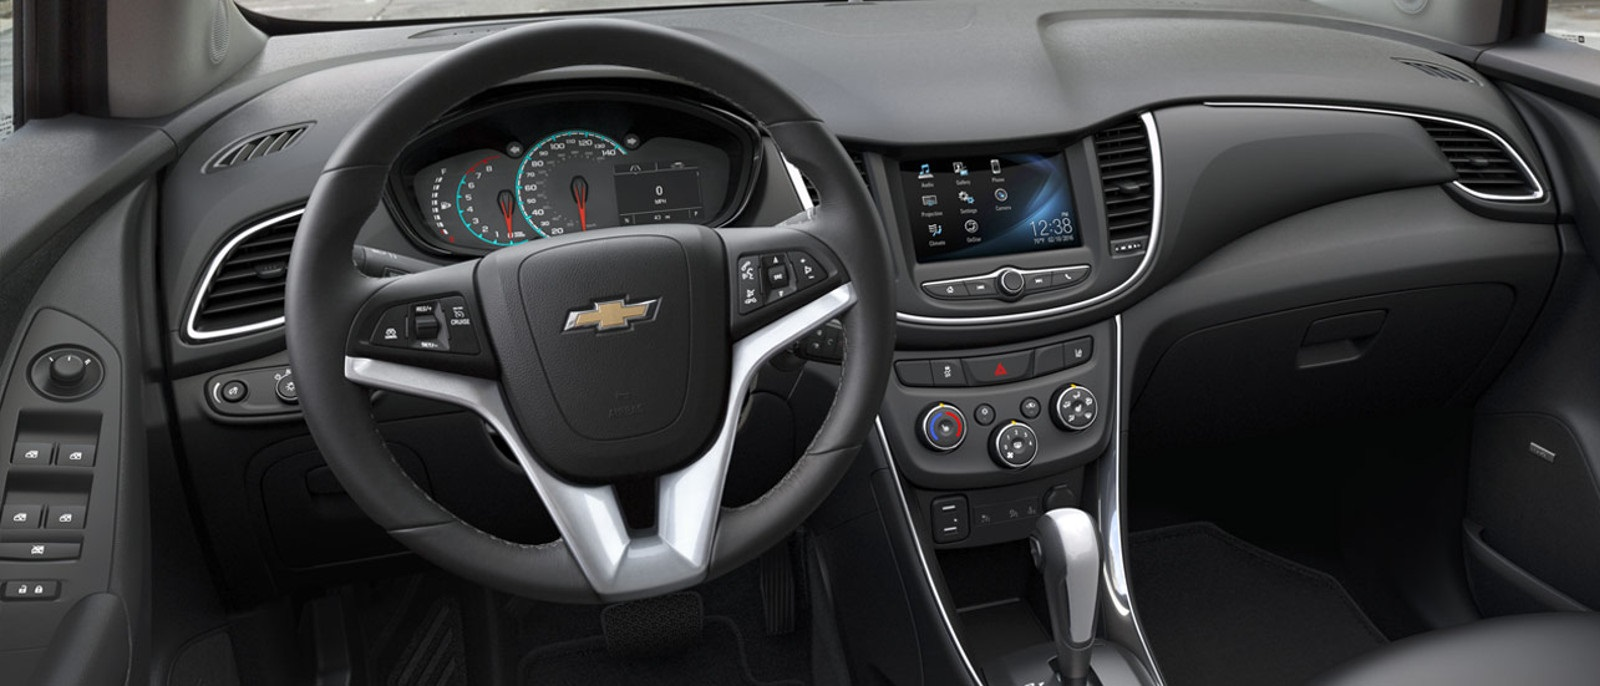 2017-chevrolet-trax-crossover-suv-interior